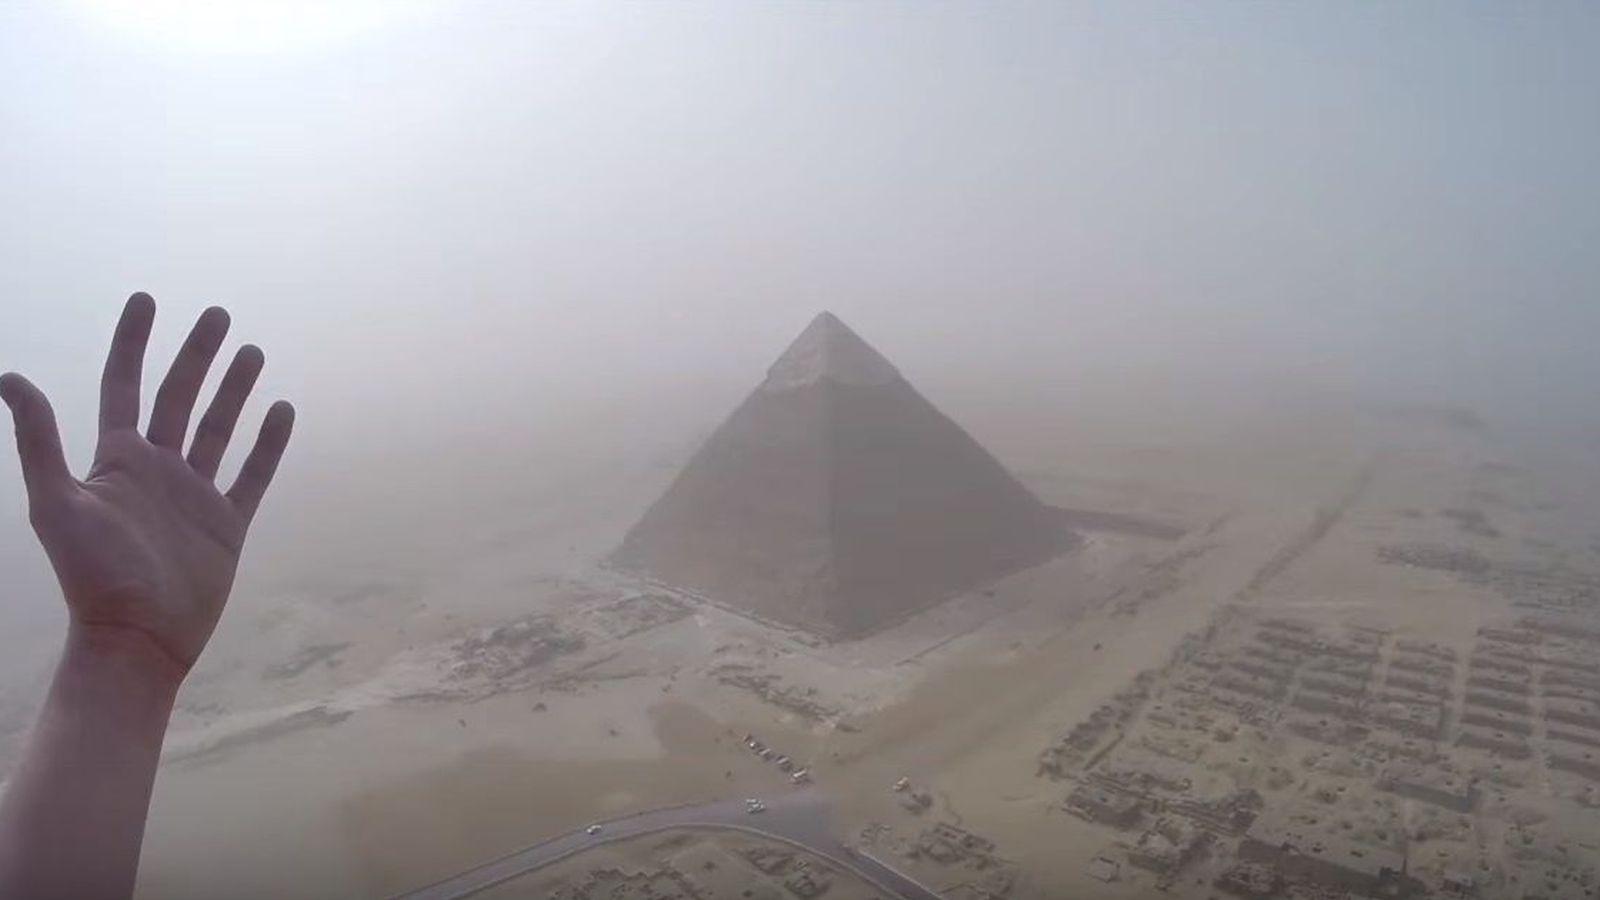 Foto: Vistas desde la cima de la pirámide de Keops, grabadas por Andrej Ciesielski